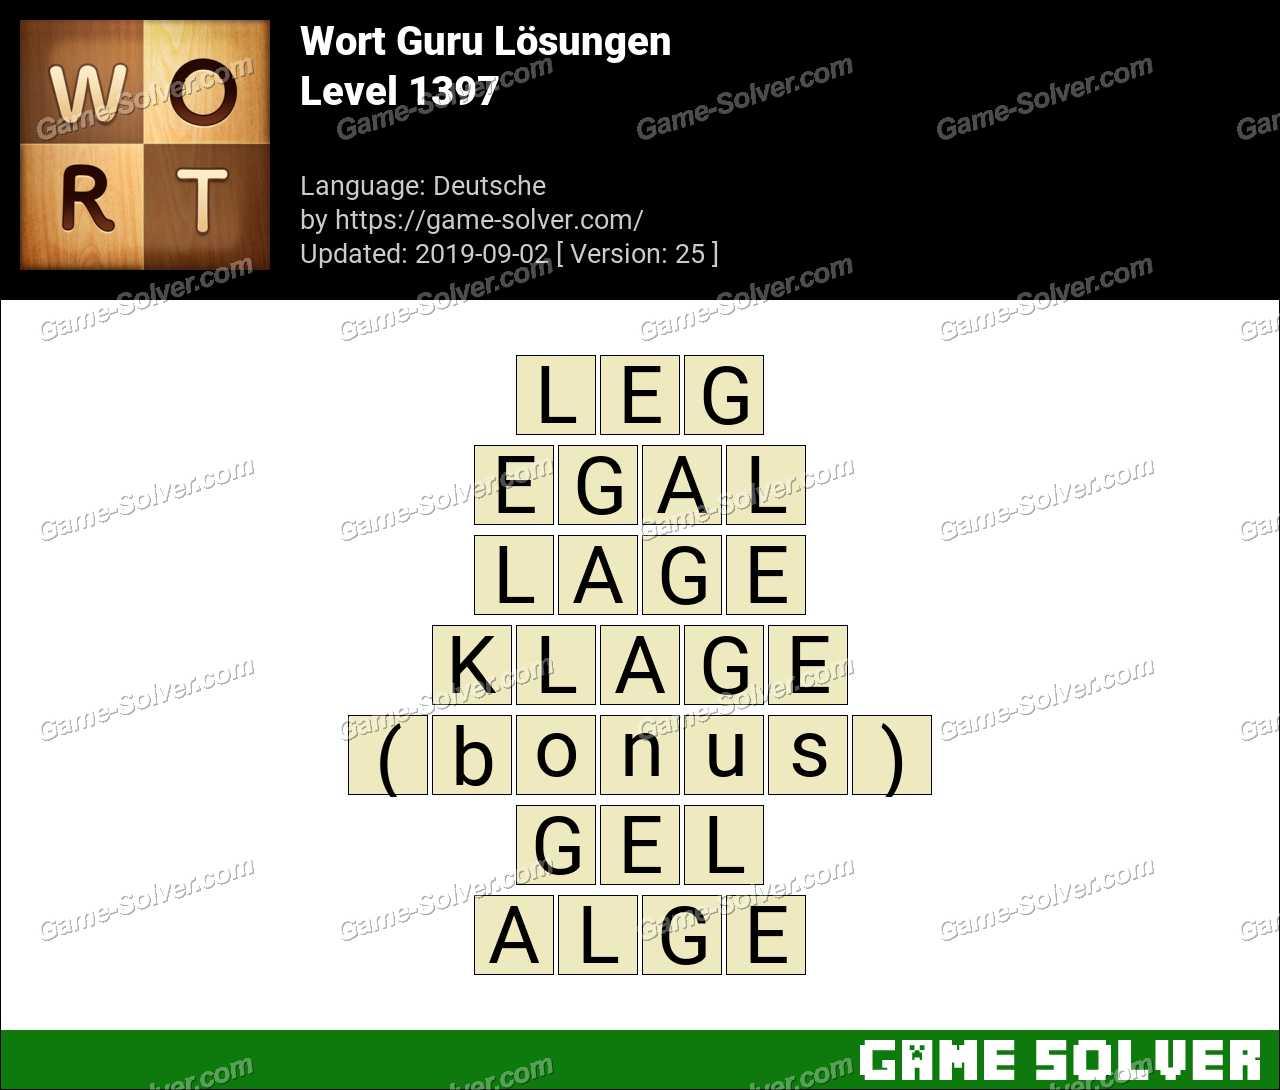 Wort Guru Level 1397 Lösungen